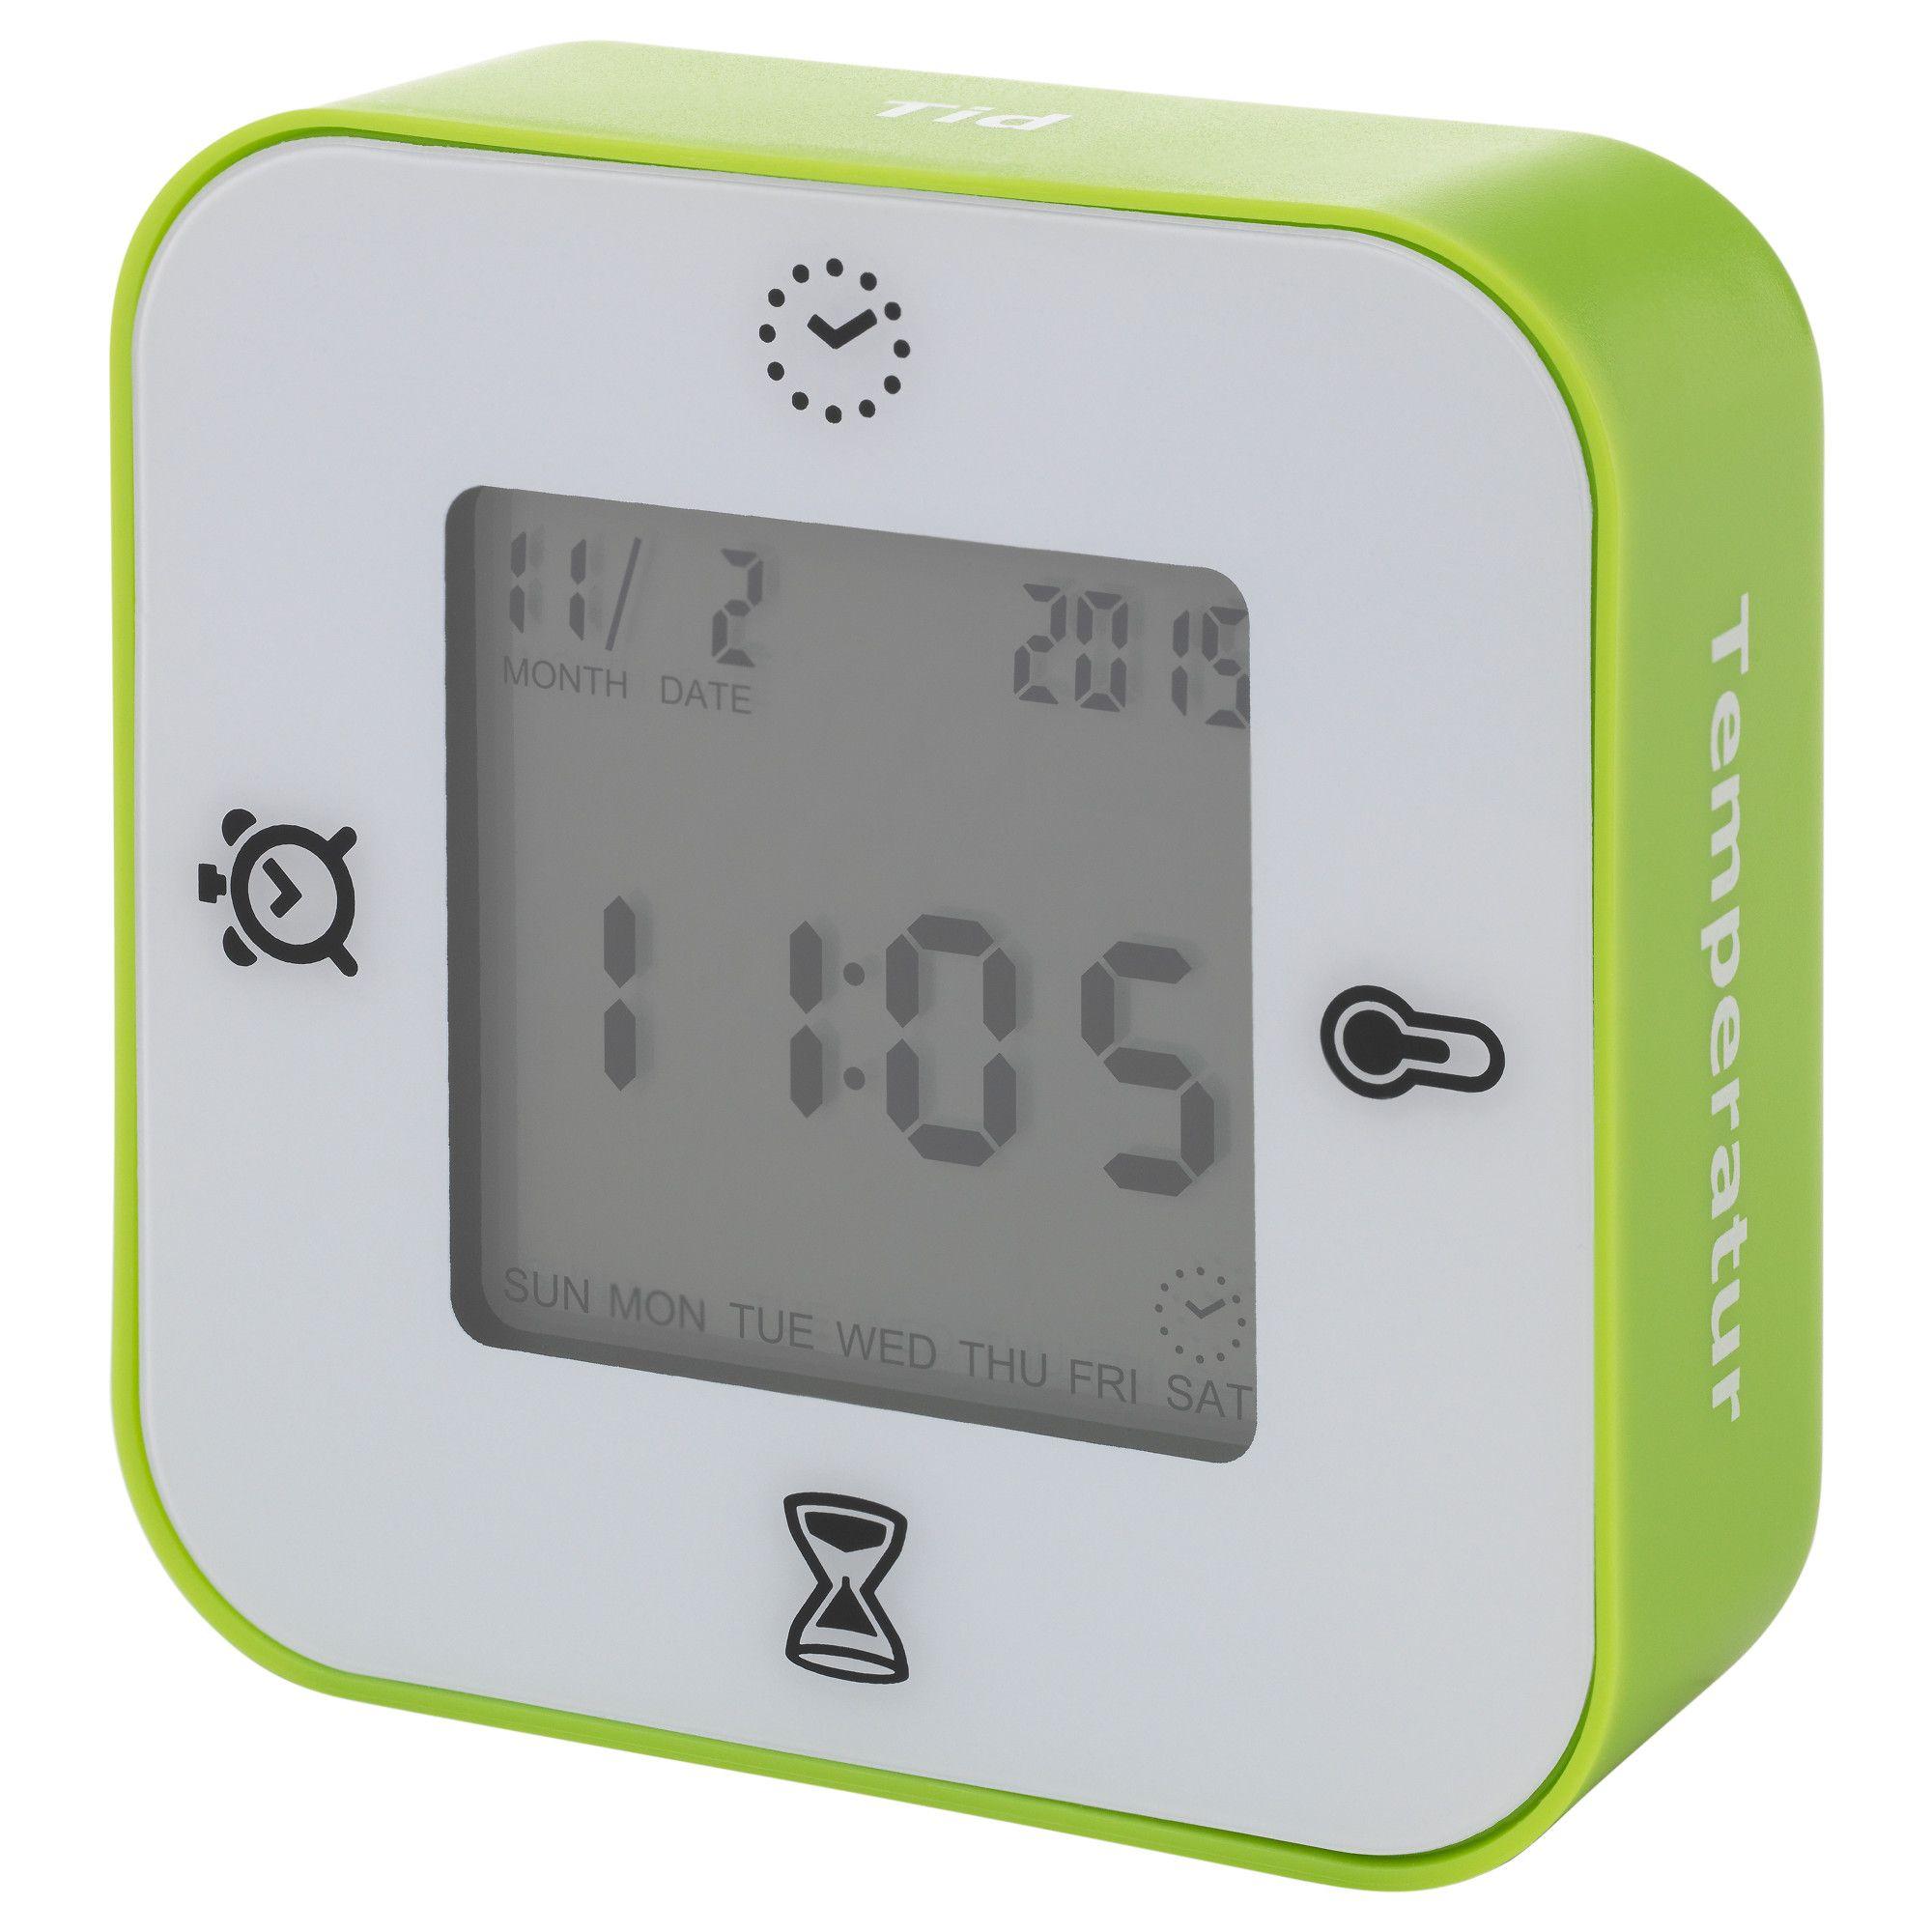 LÖTTORP, Uhr/Thermometer/Wecker/Timer, weiß/grün Jetzt bestellen ...